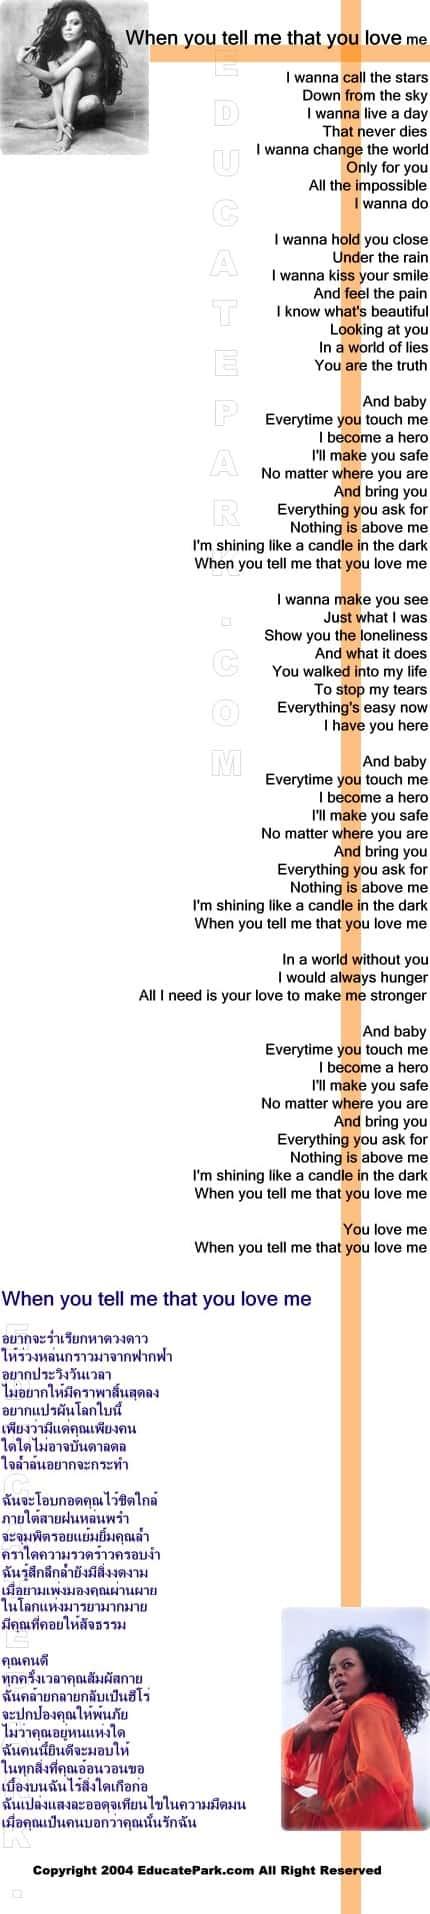 แปลเพลง When You Tell Me That You Love Me - Diana Ross